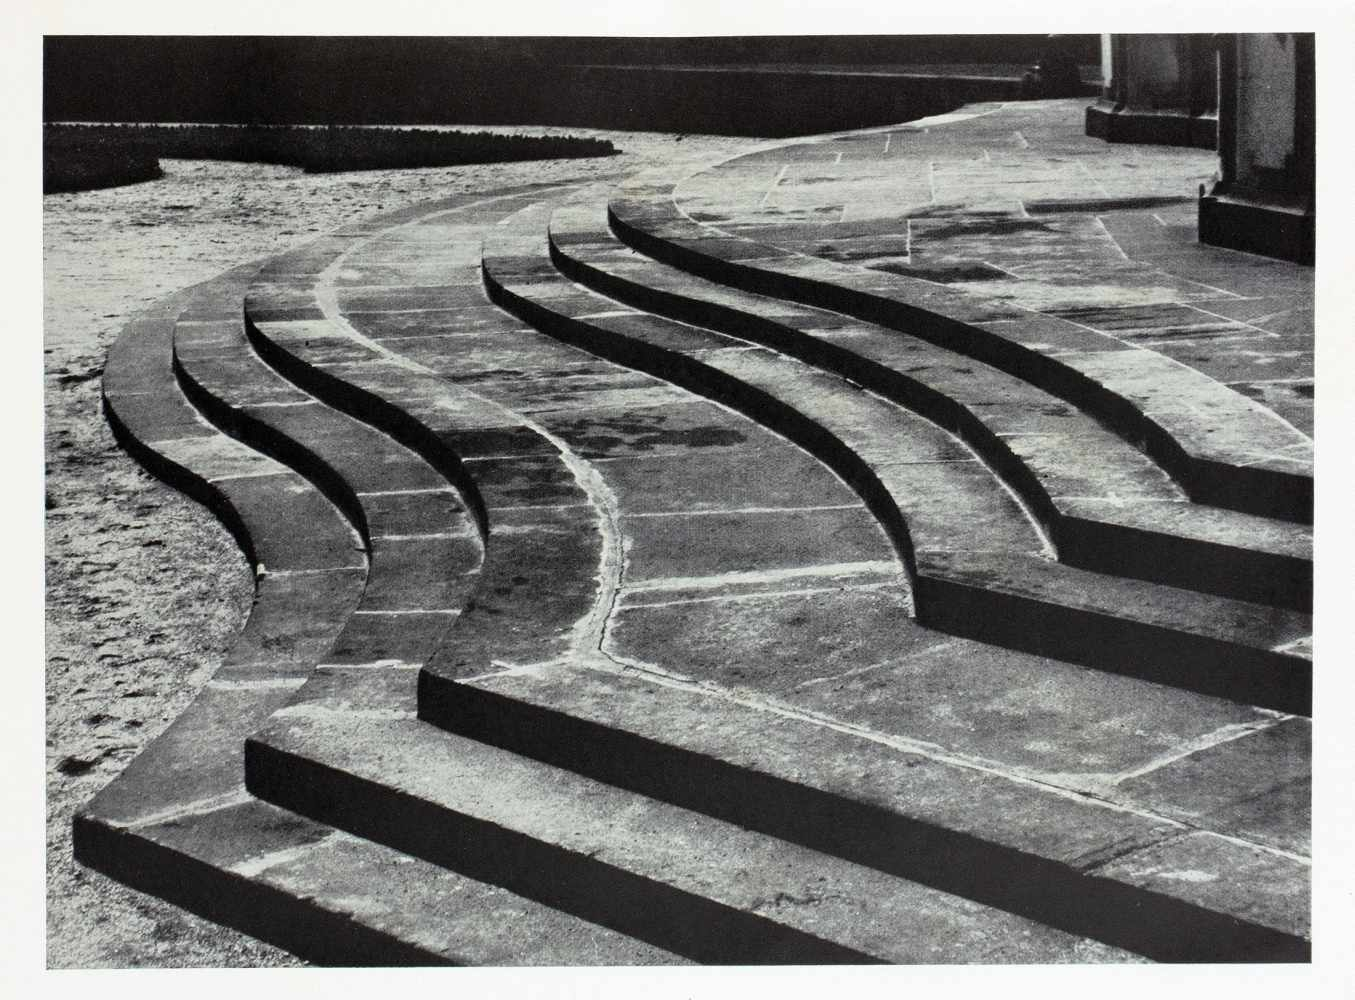 Albert Renger-Patzsch. Die Welt ist schön. Einhundert photographische Aufnahmen. Herausgegeben und - Image 5 of 6